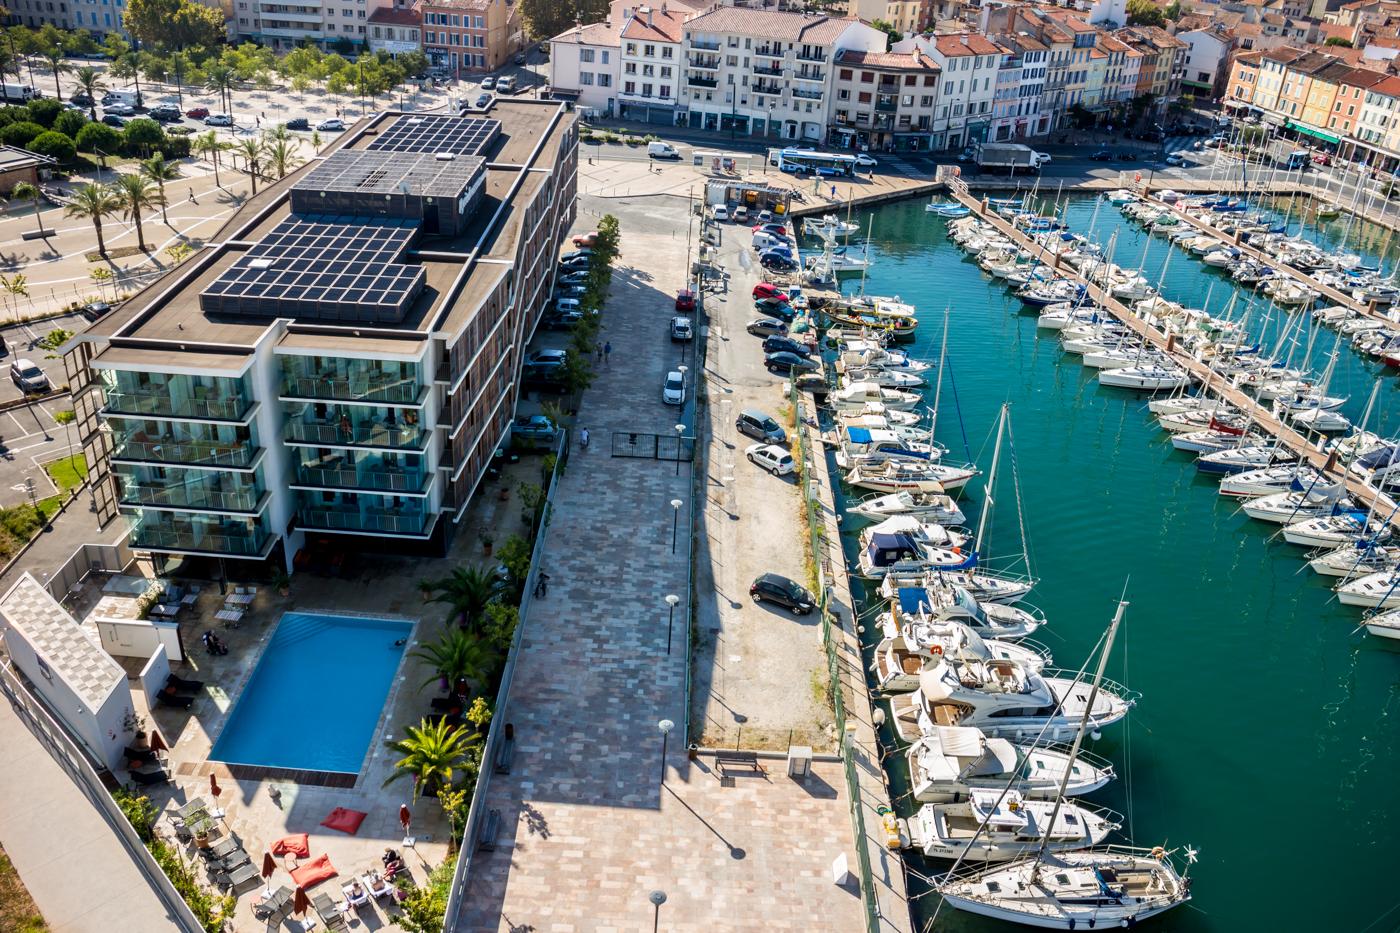 hotel review hotel kyriad prestige la seyne sur mer france. Black Bedroom Furniture Sets. Home Design Ideas